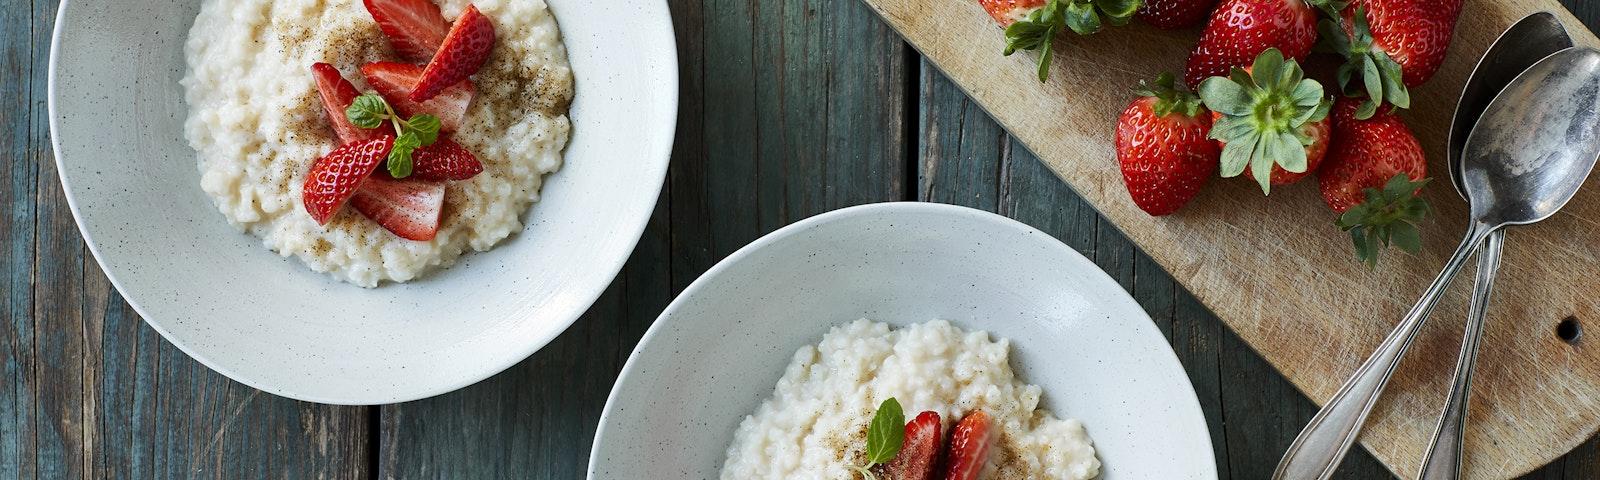 Kold risengrød med havredrik og vanilje